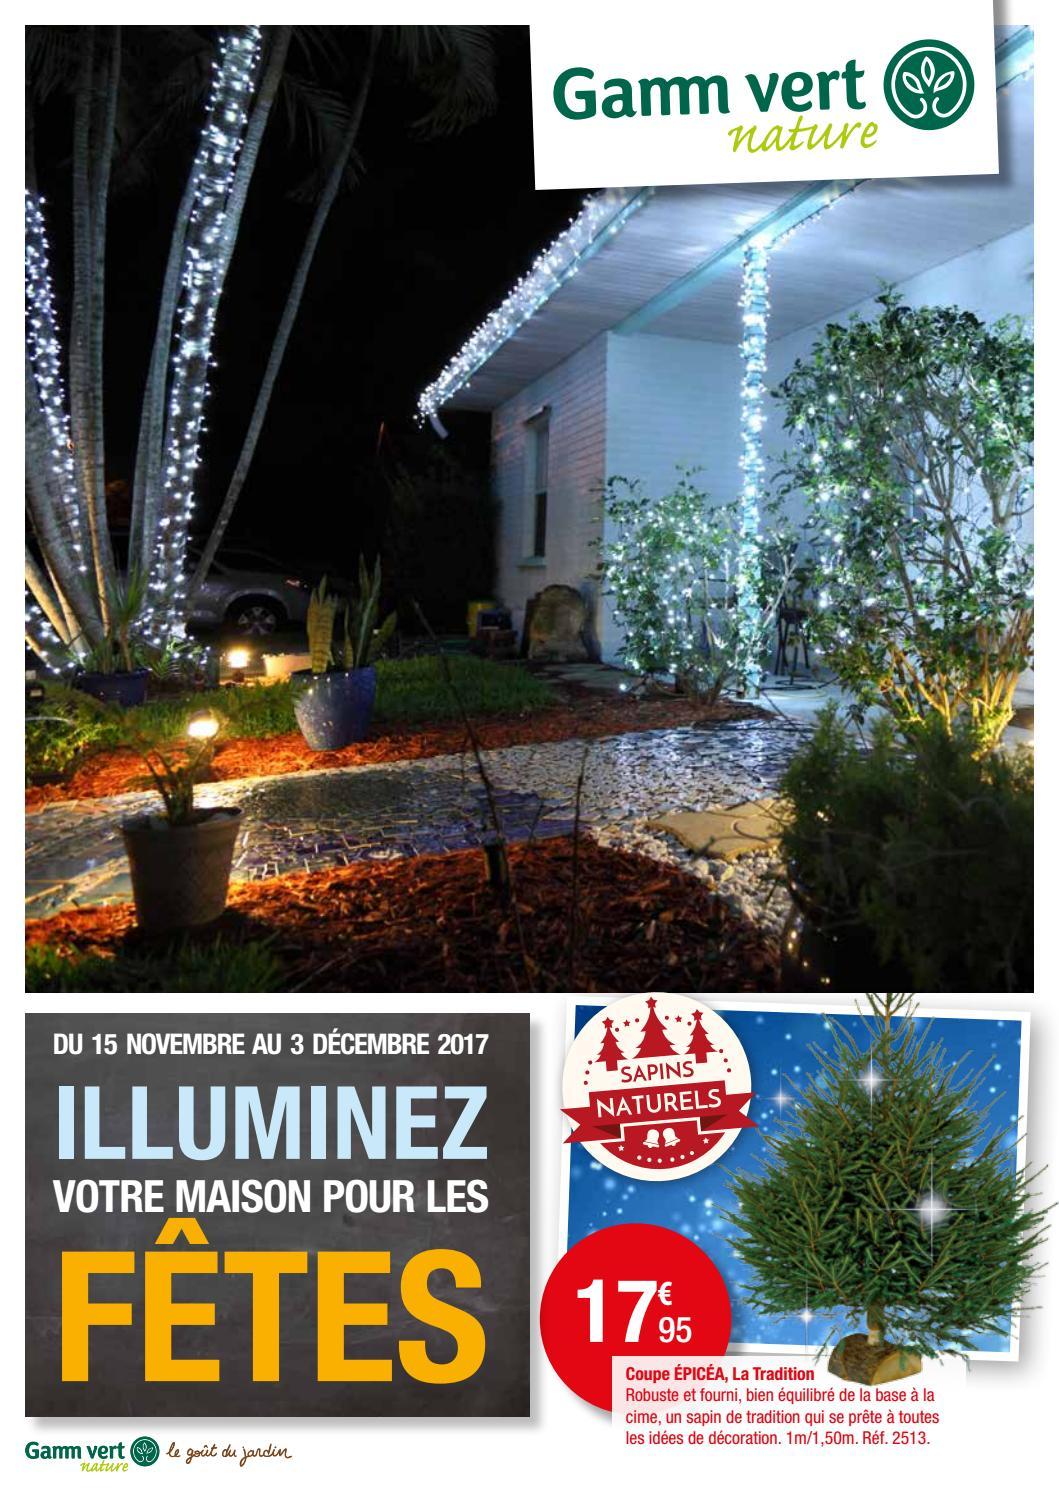 GAMM VERT : ILLUMINEZ VOTRE MAISON POUR LES FETES ! by Momentum ...